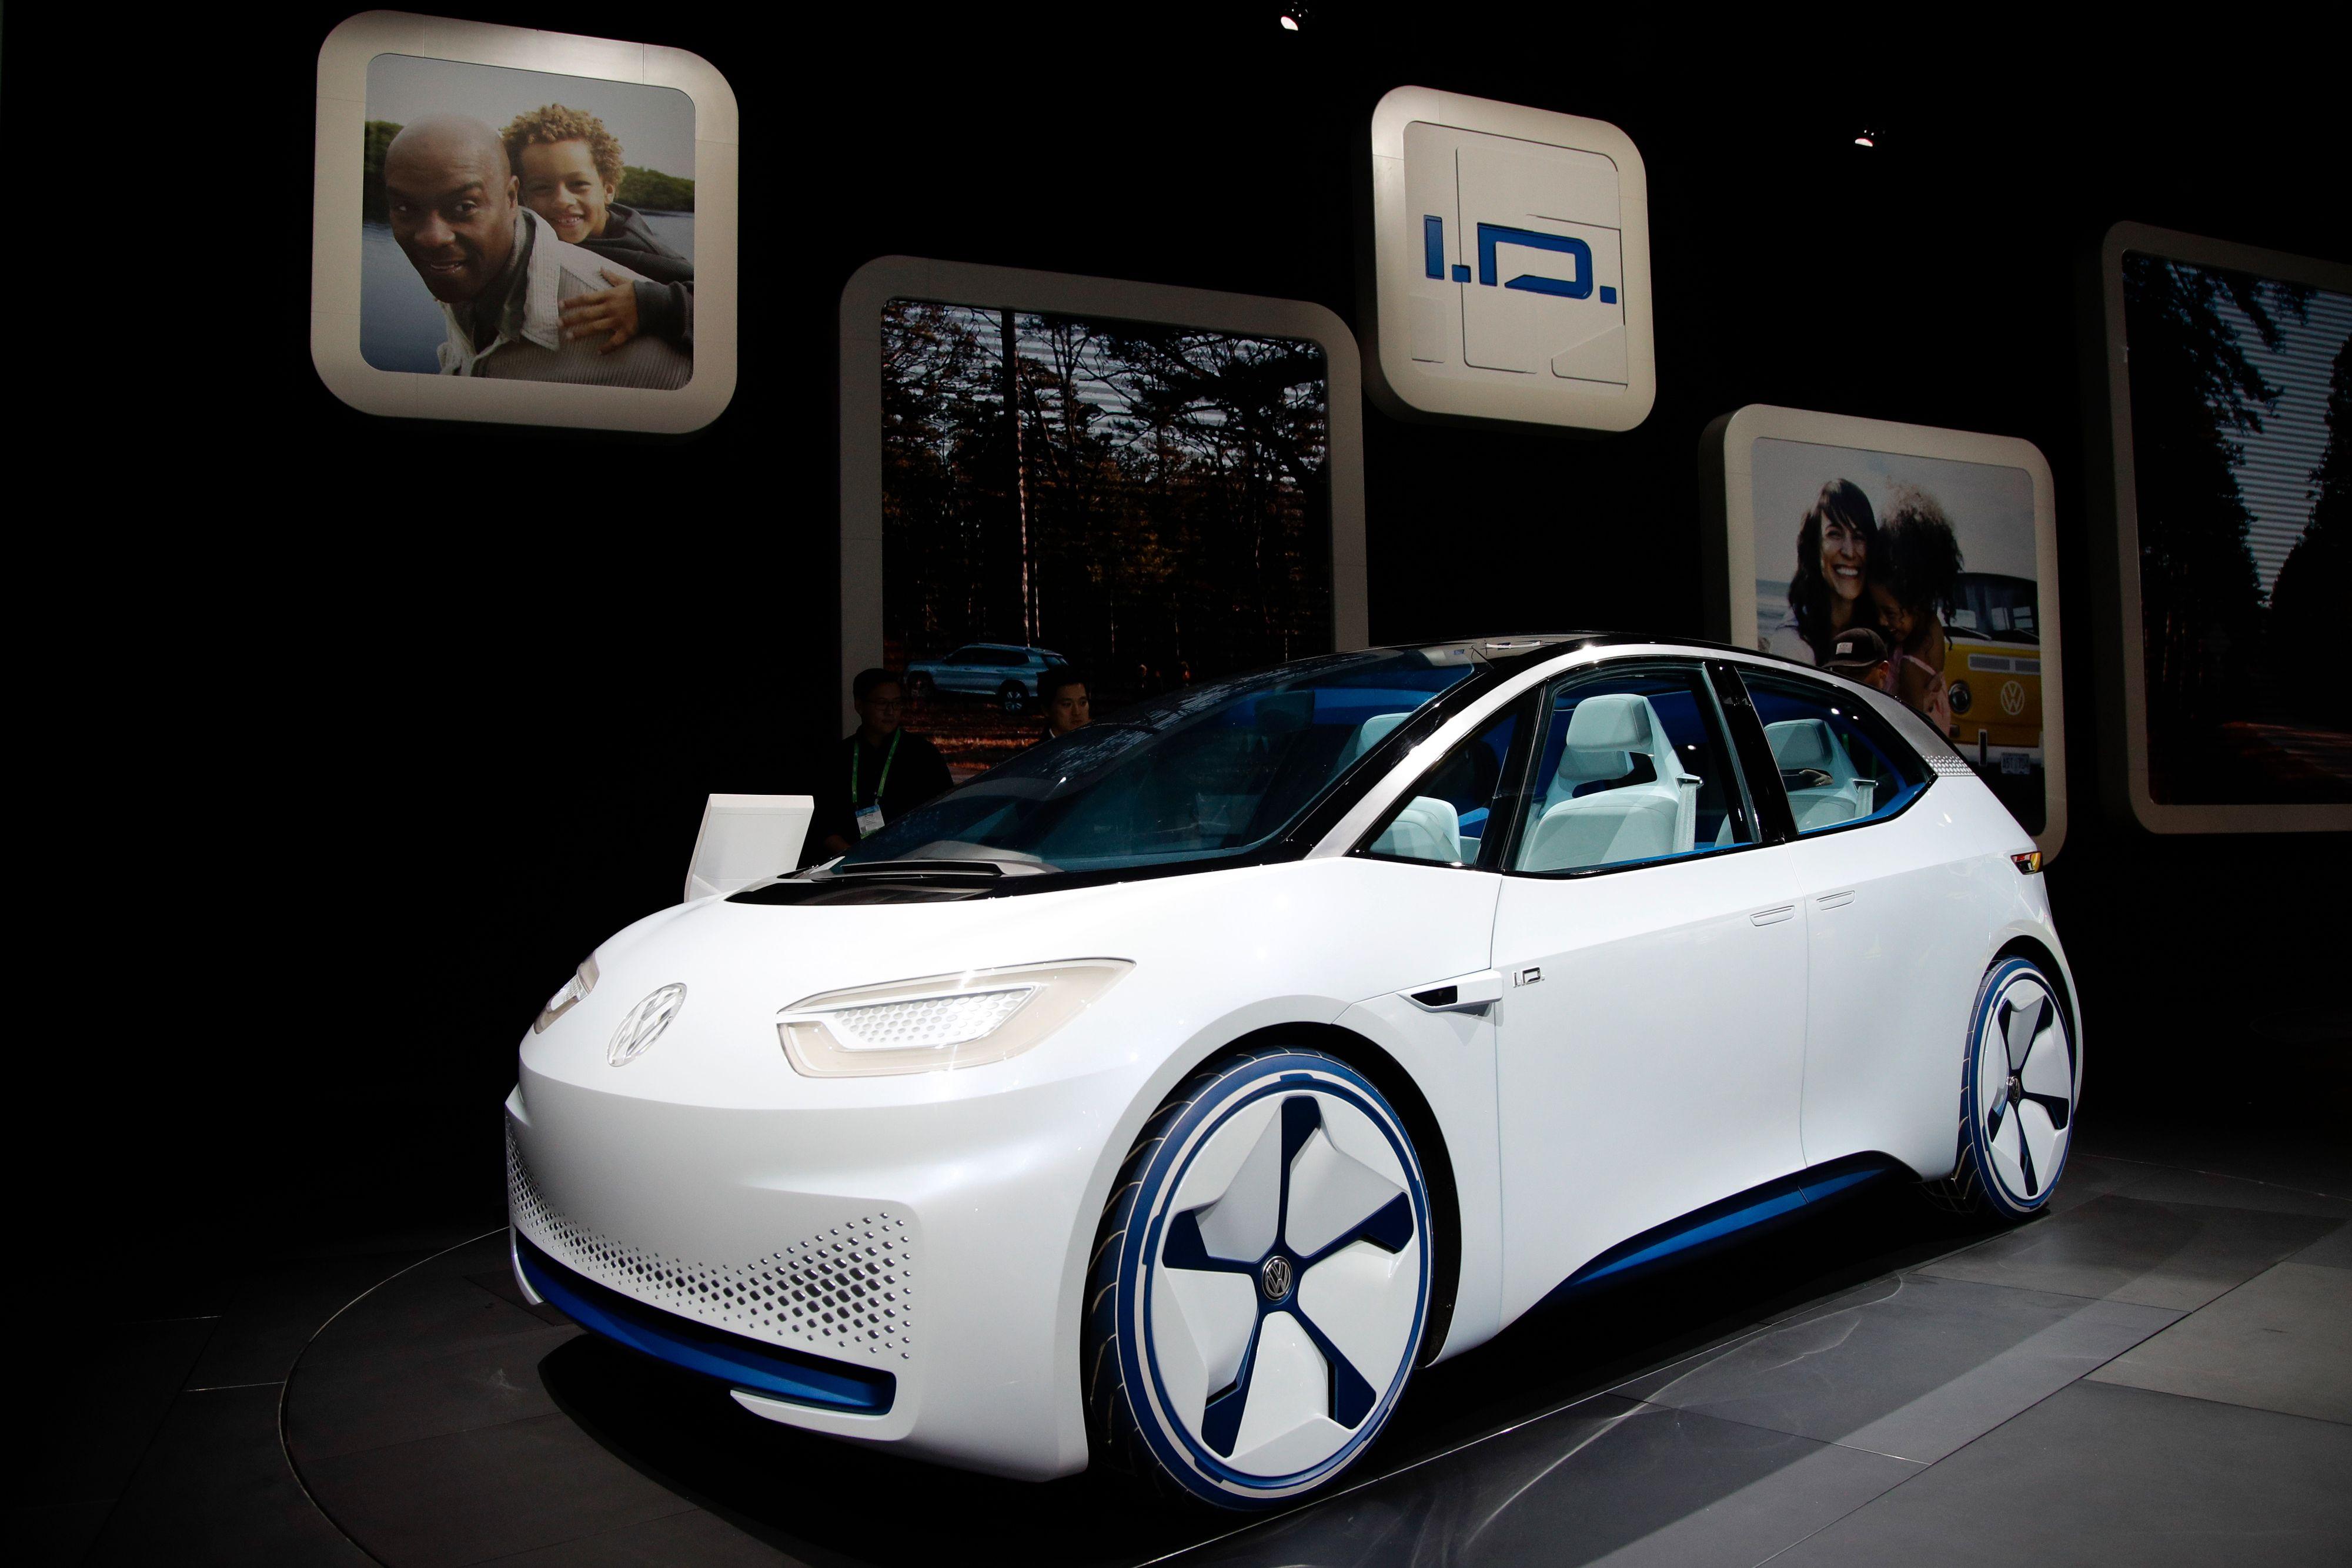 Slik så konseptversjonen av bilen ut.